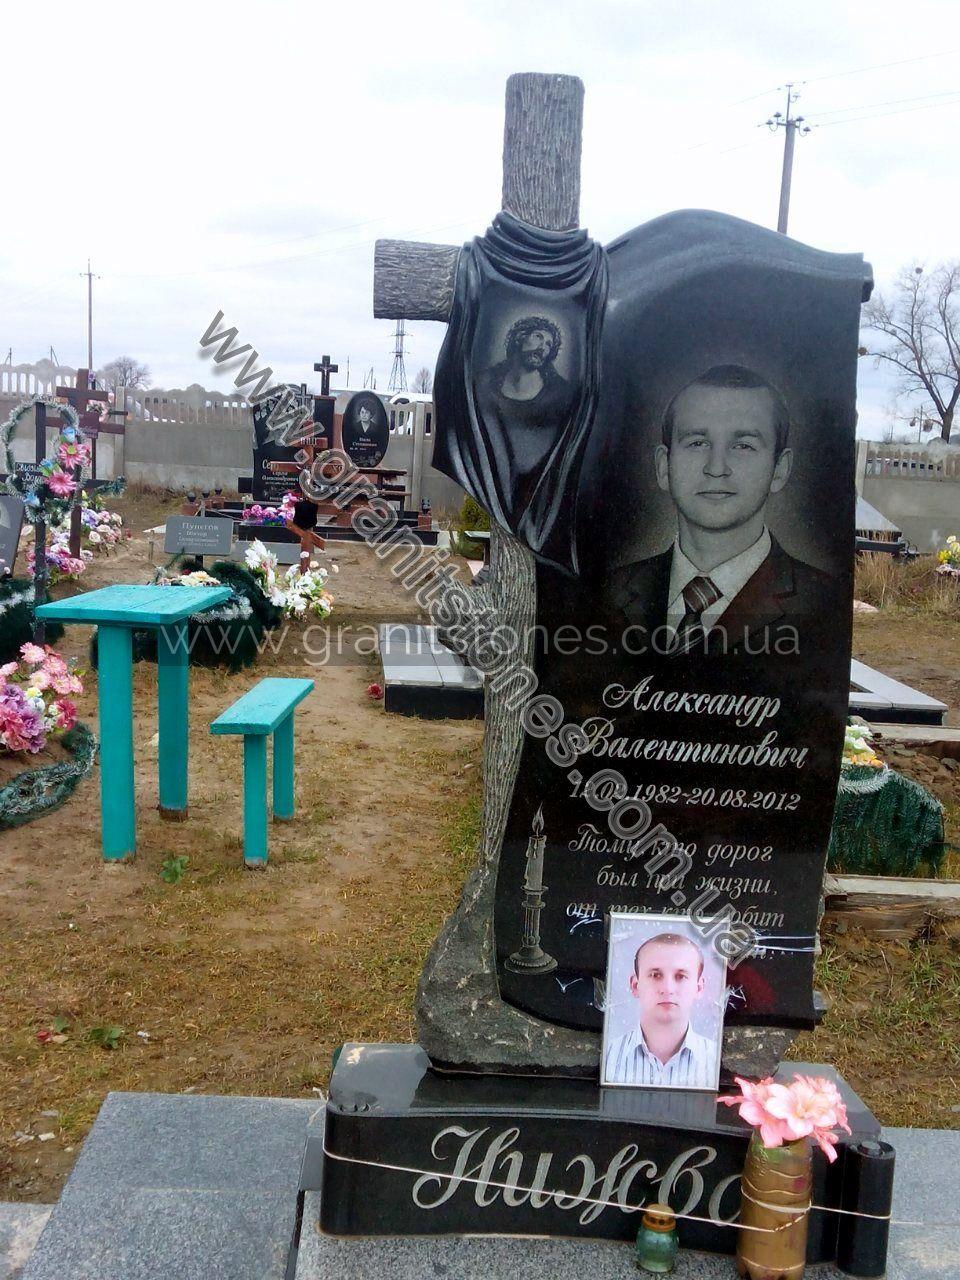 Памятники из гранита с крестом у женщин где можно купить памятник из гранитной крошки